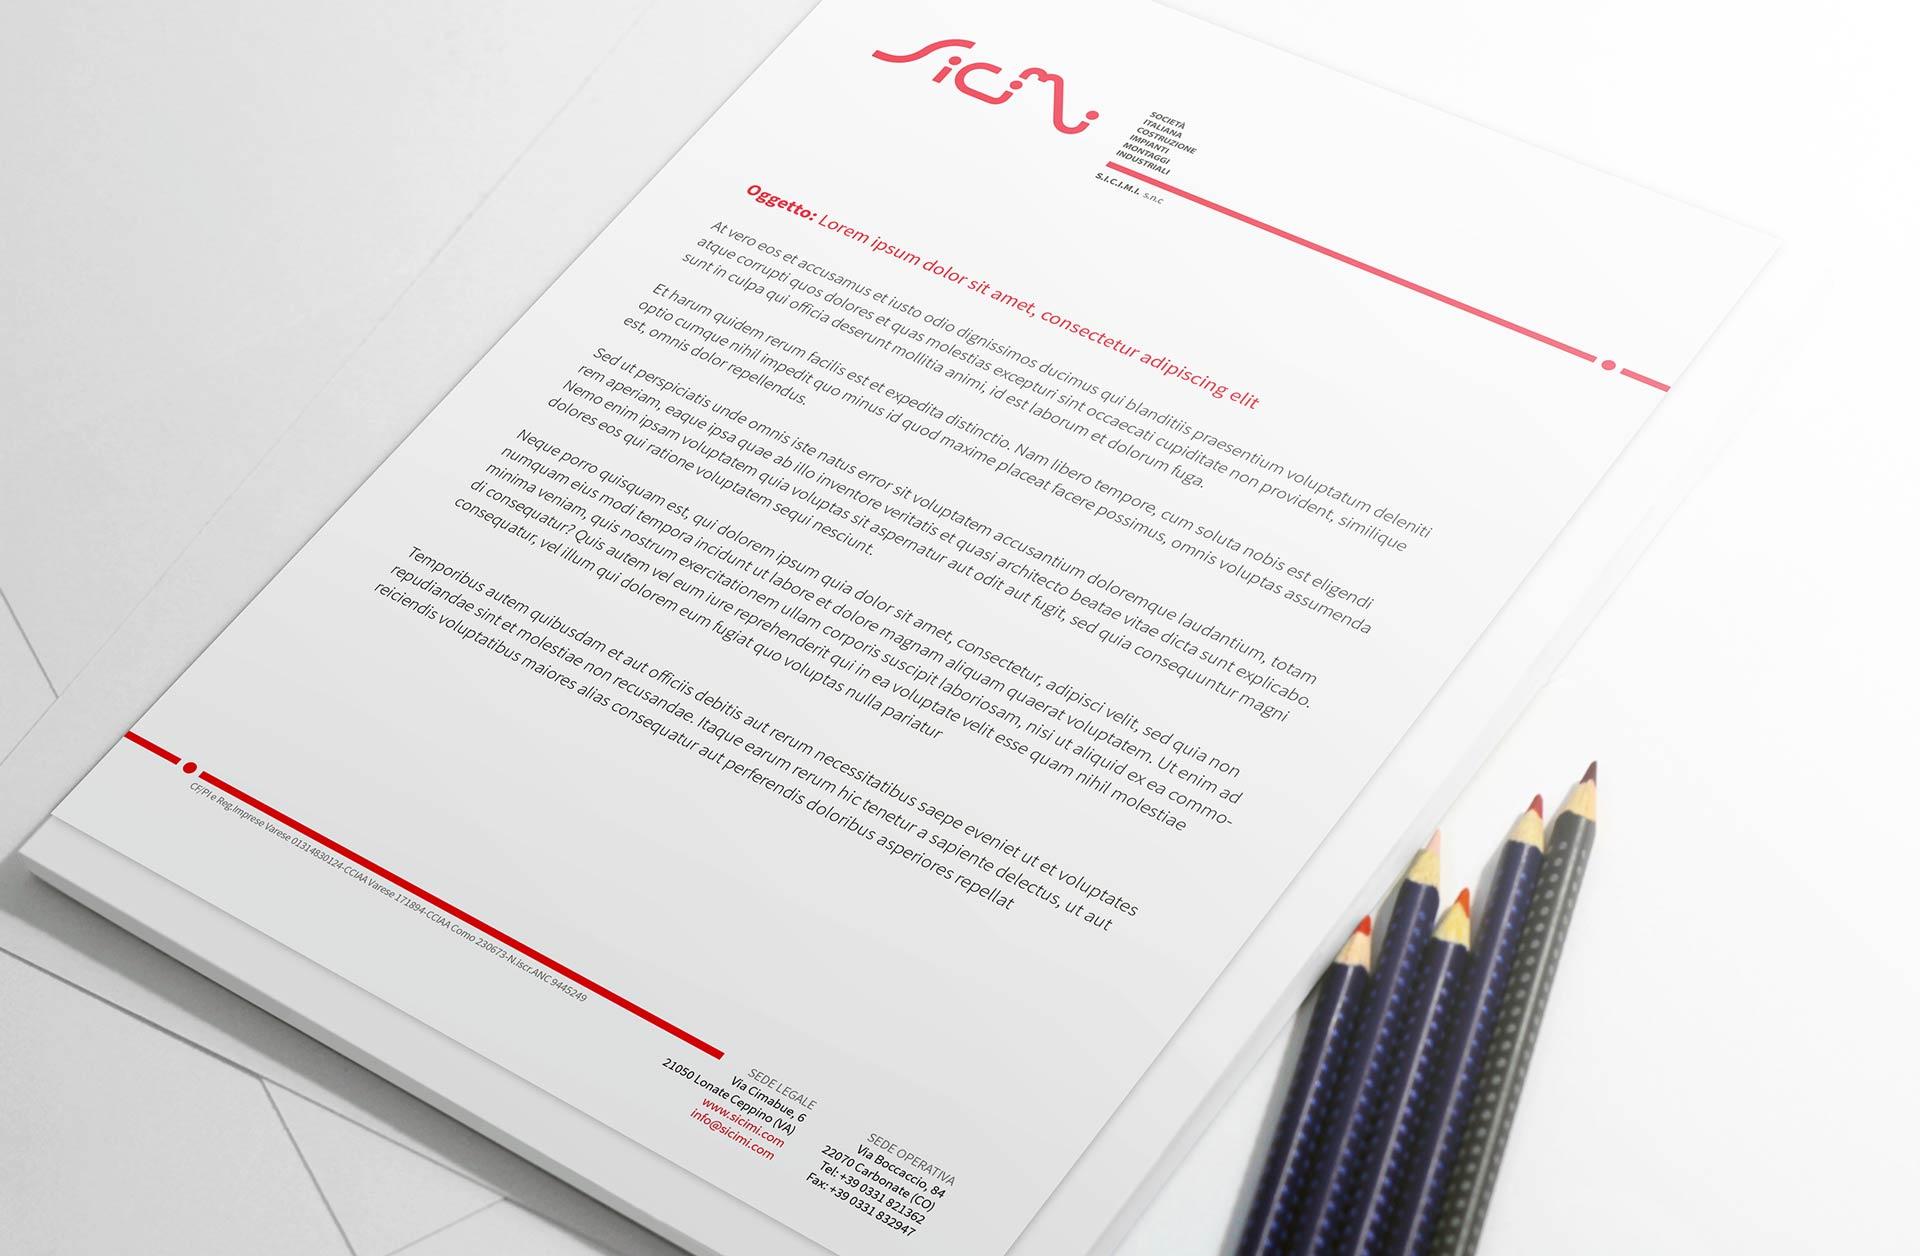 Corporate image design - Letterhead